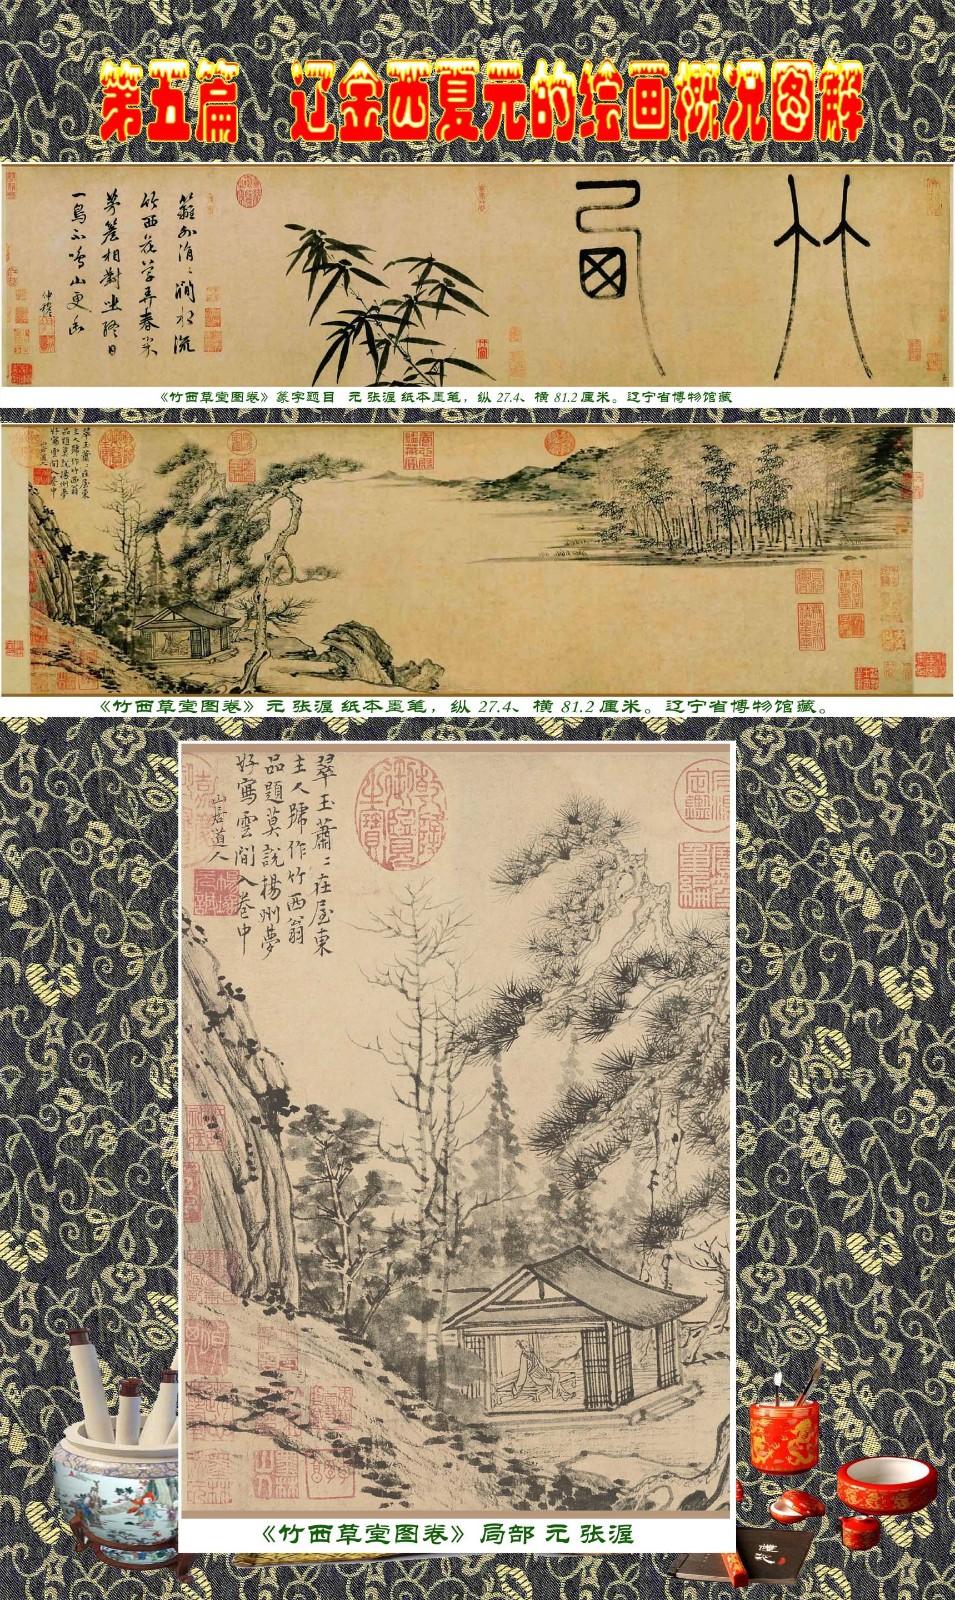 顾绍骅编辑 中国画知识普及版 第五篇 辽金西夏元的绘画概况 下 ... ..._图1-25